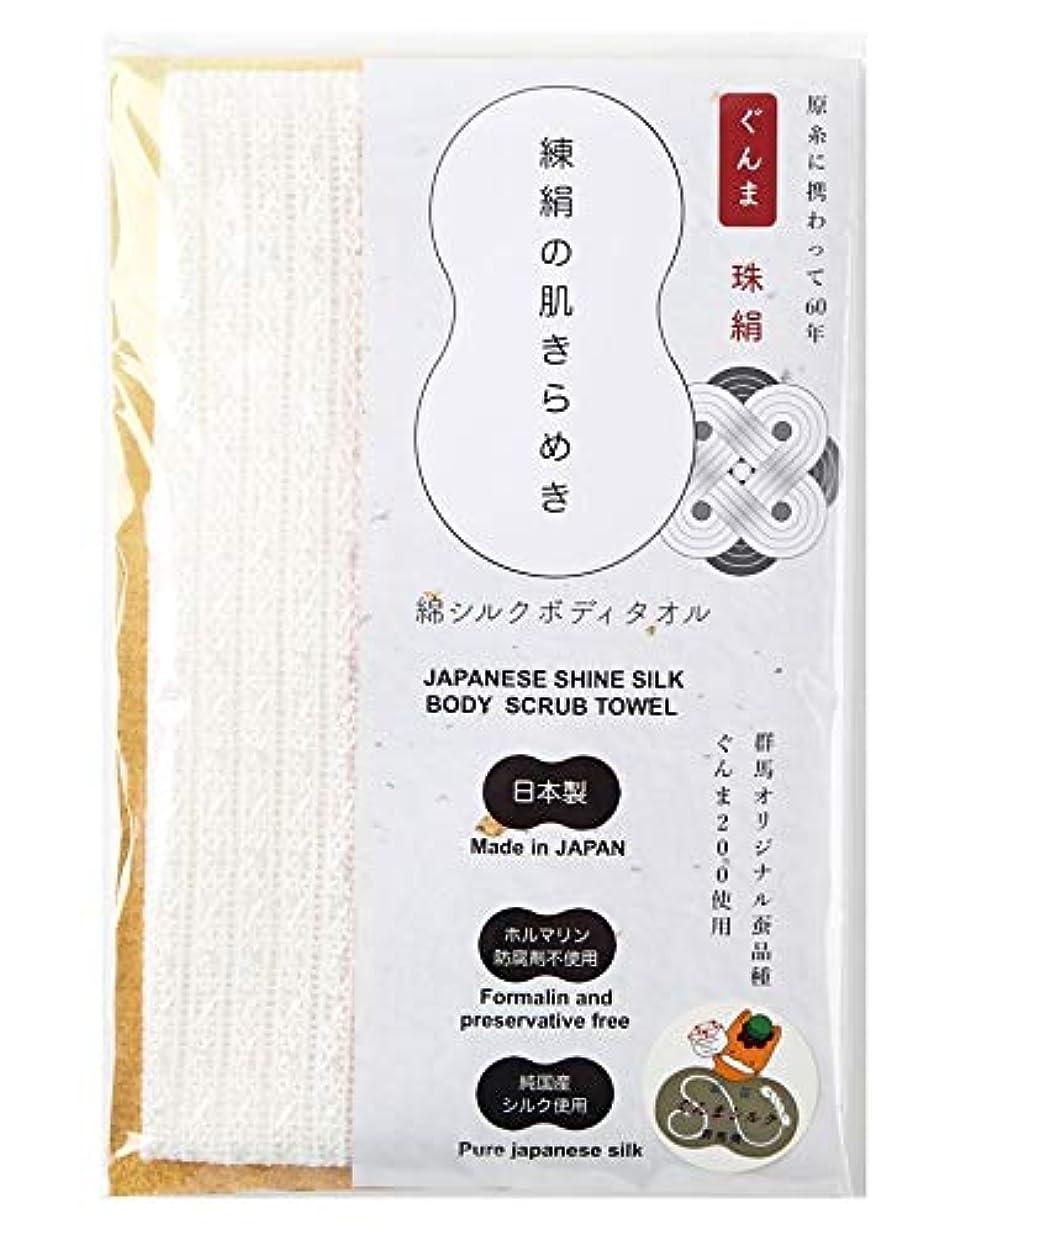 ライトニング生き残ります食べるくーる&ほっと ぐんまシルク 綿シルク ボディタオル 日本製(群馬県内で一貫製造) シルクあかすり